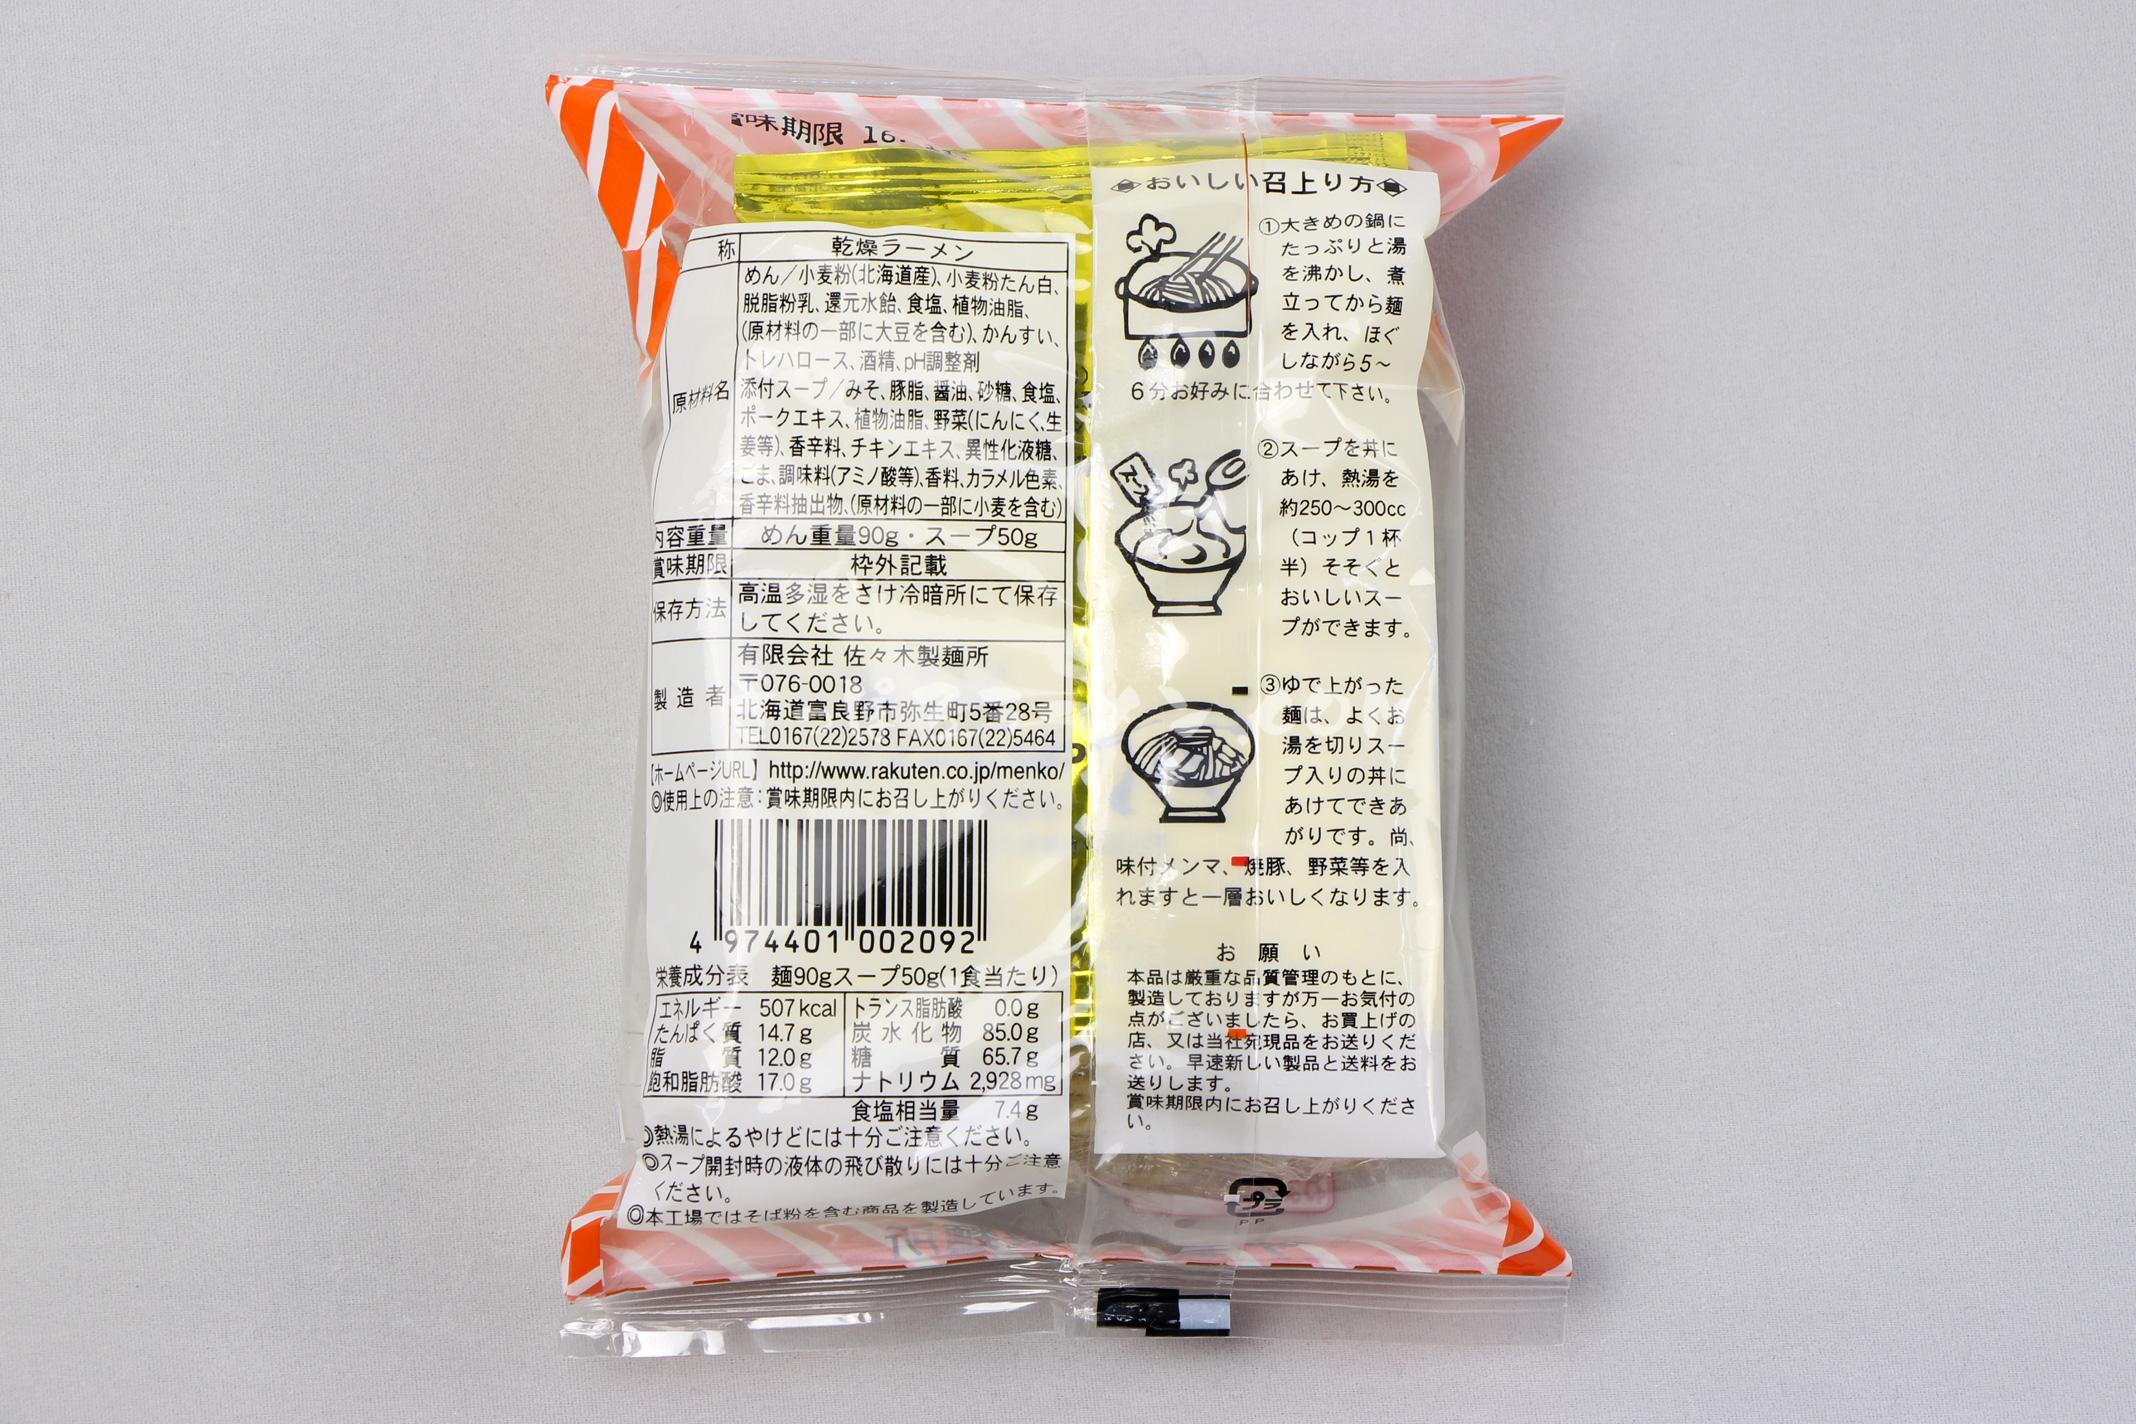 「ふらのラーメン(みそ味)」(佐々木製麺所)のパッケージ(裏)